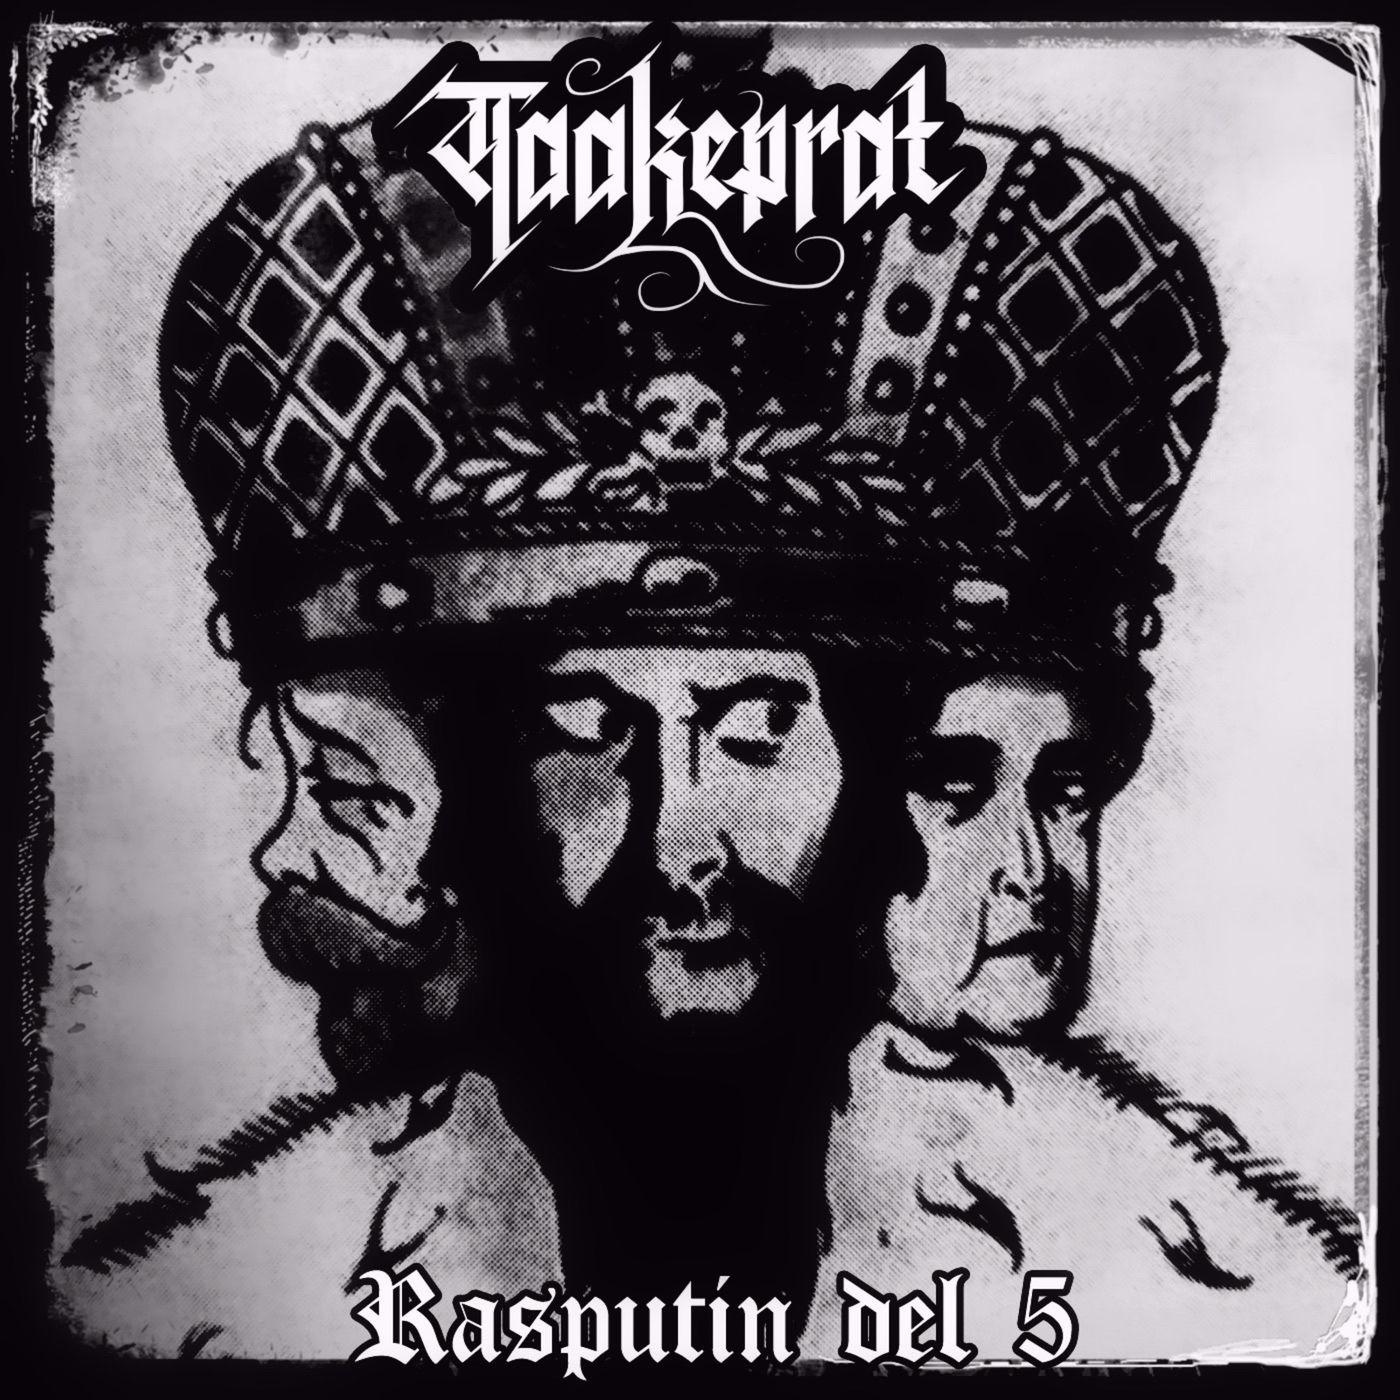 Episode 105 - Rasputin del 5